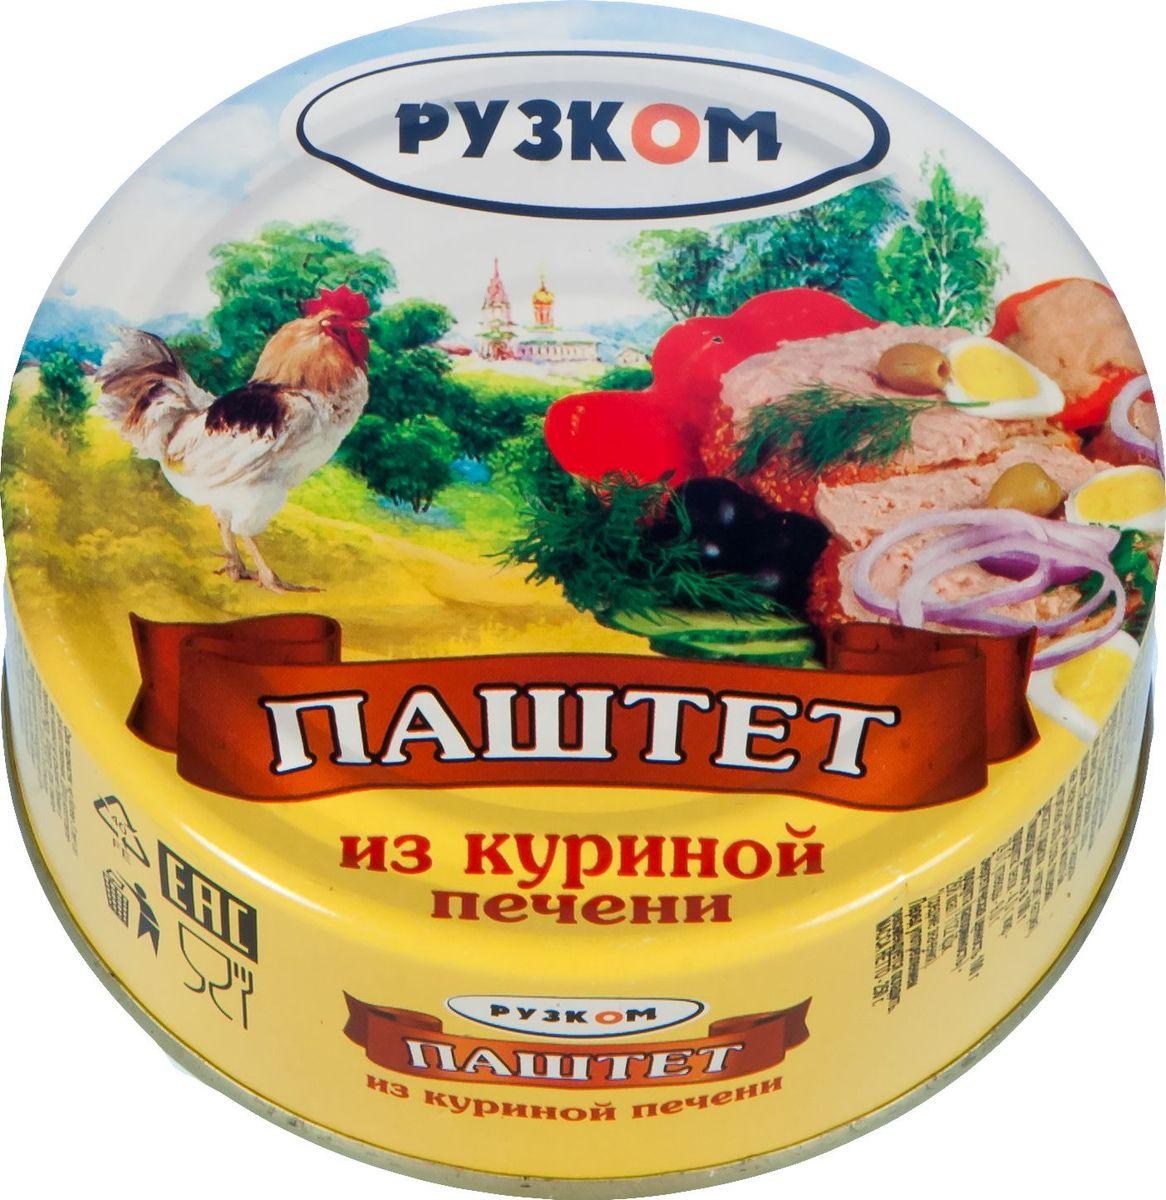 Рузком паштет из куриной печени литография, 250 г гепатиум фитопрепарат для печени